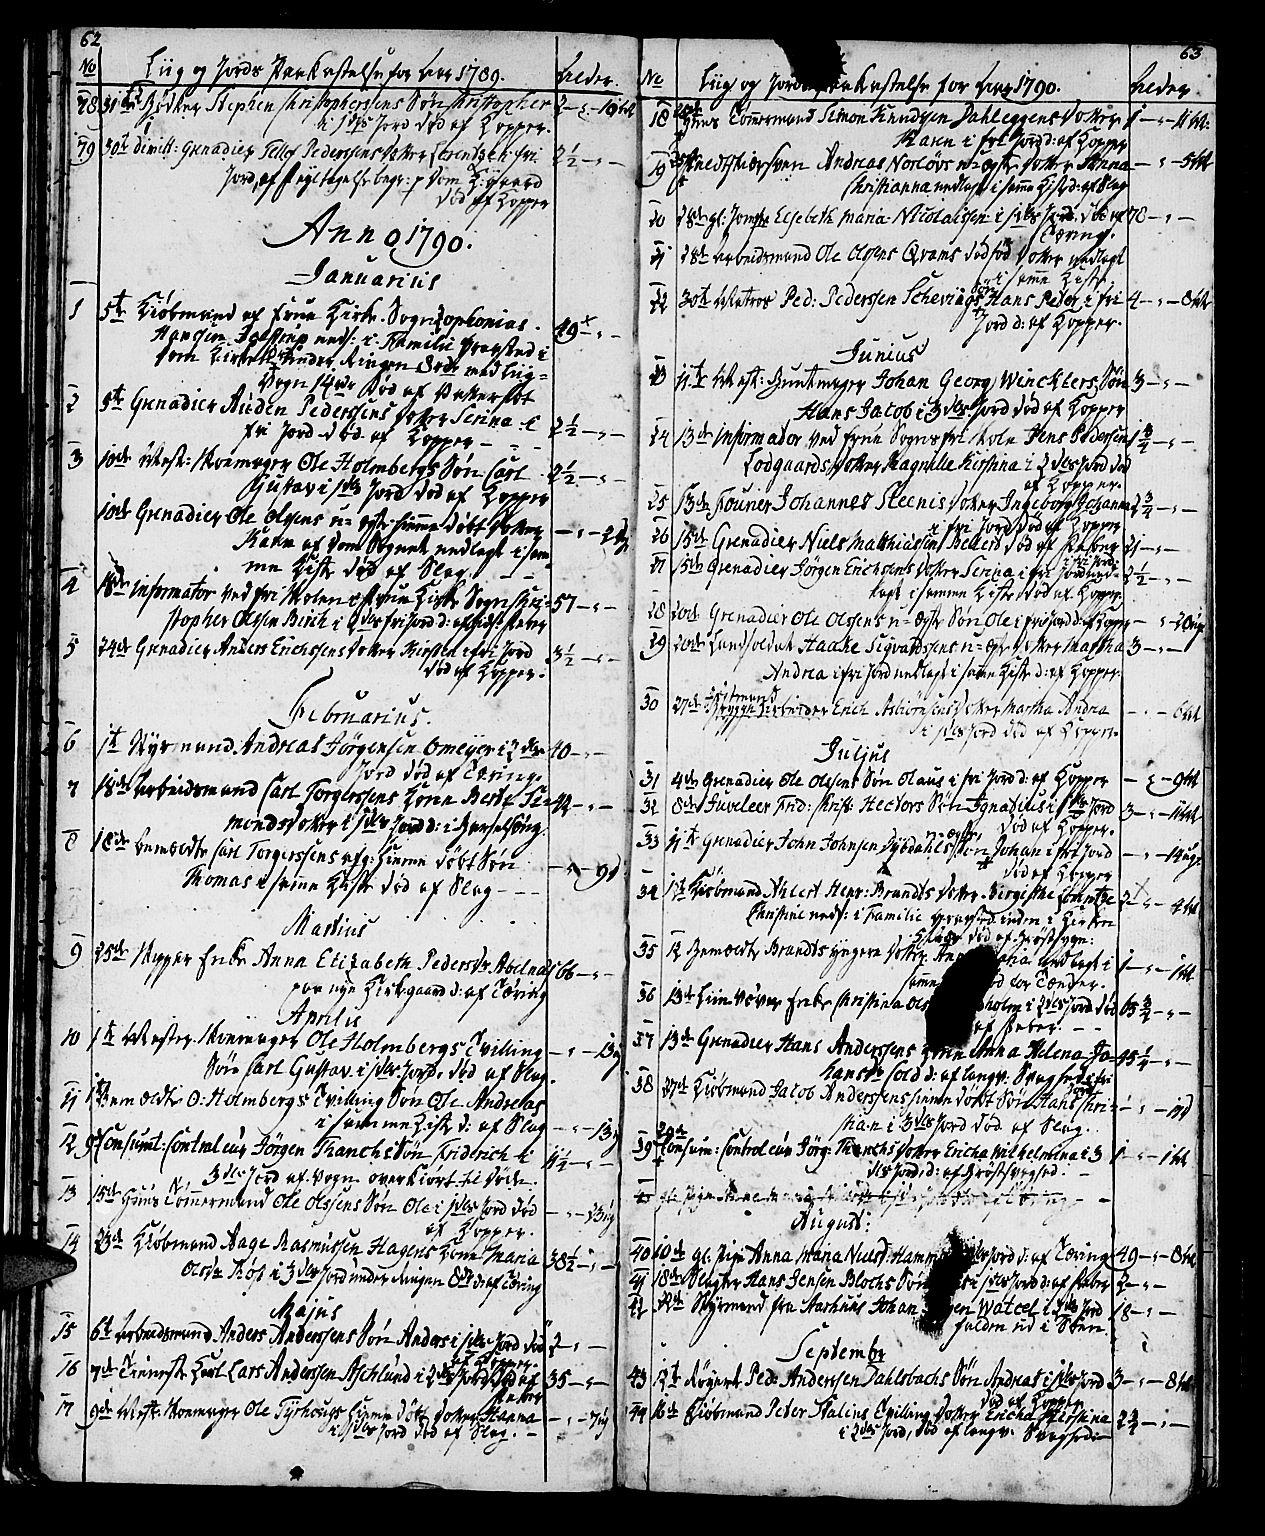 SAT, Ministerialprotokoller, klokkerbøker og fødselsregistre - Sør-Trøndelag, 602/L0134: Klokkerbok nr. 602C02, 1759-1812, s. 62-63